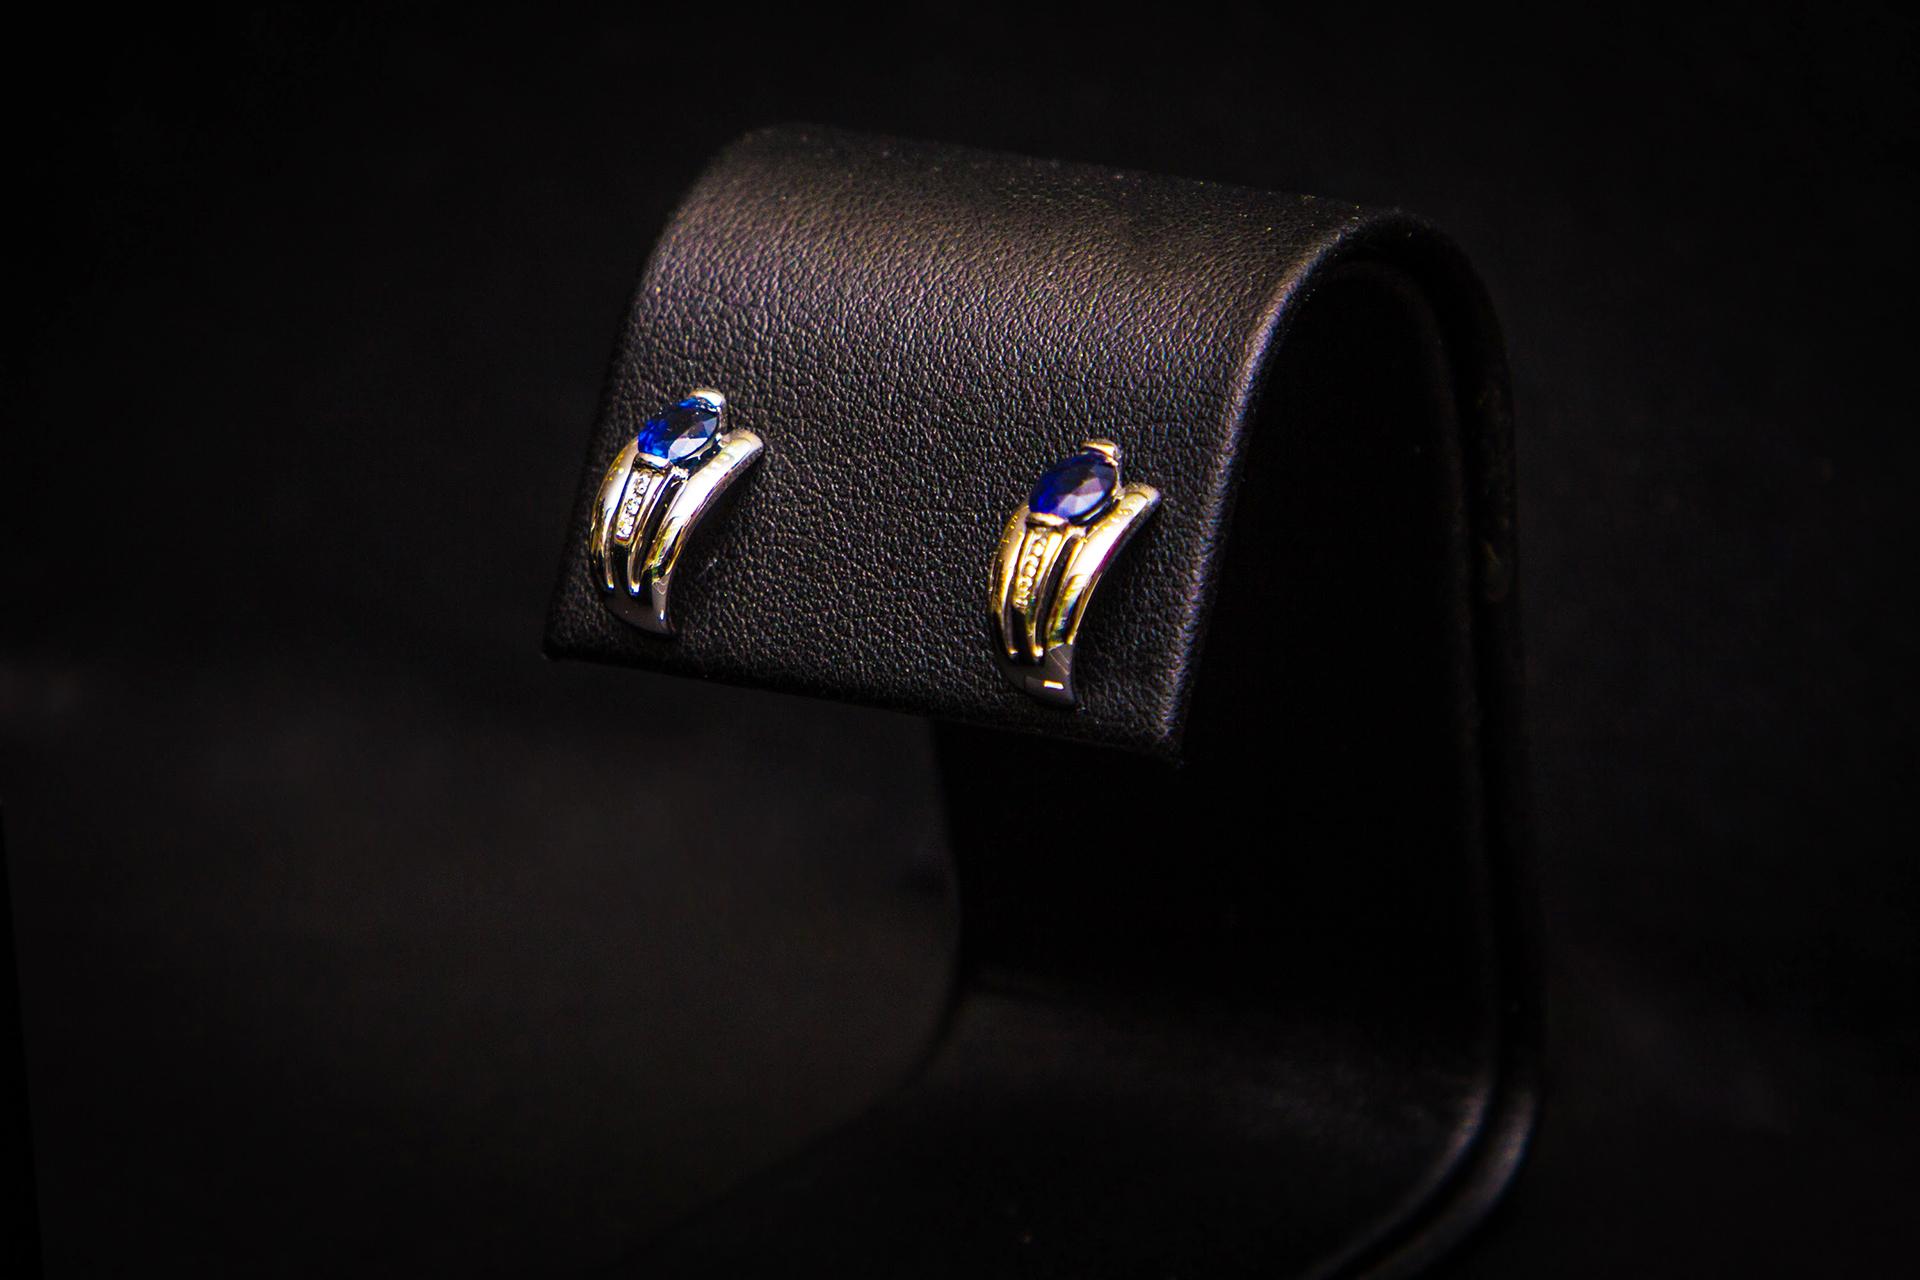 bijouterie-verneau-la-garde-toulon-or-diamand-saphir-qualite-artisan-cadeaux-bijoux